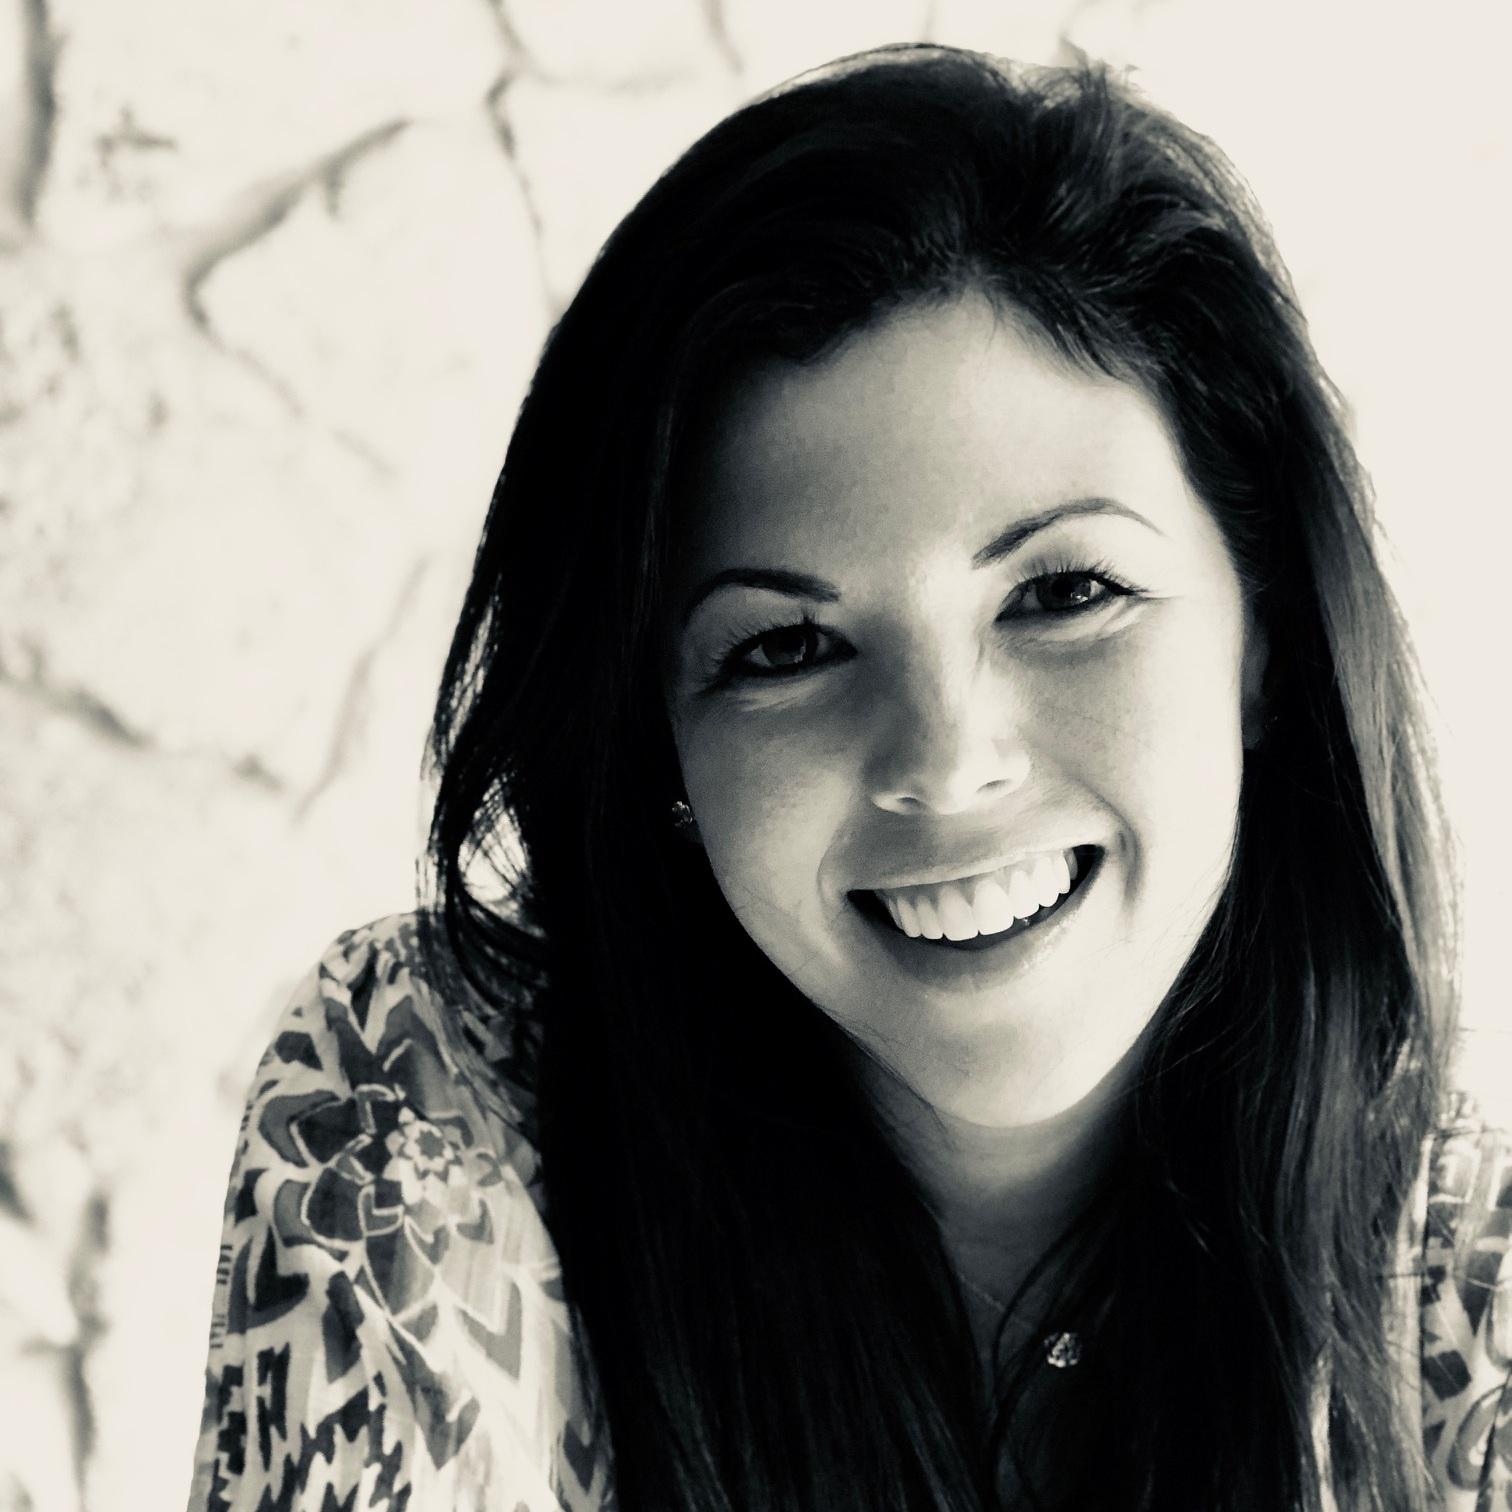 Lauren Dawson  Artist. Painter & Sculptor. Joy Seeker!   www.LaurenFaithDawson.com    @laurenfaithdawson_art